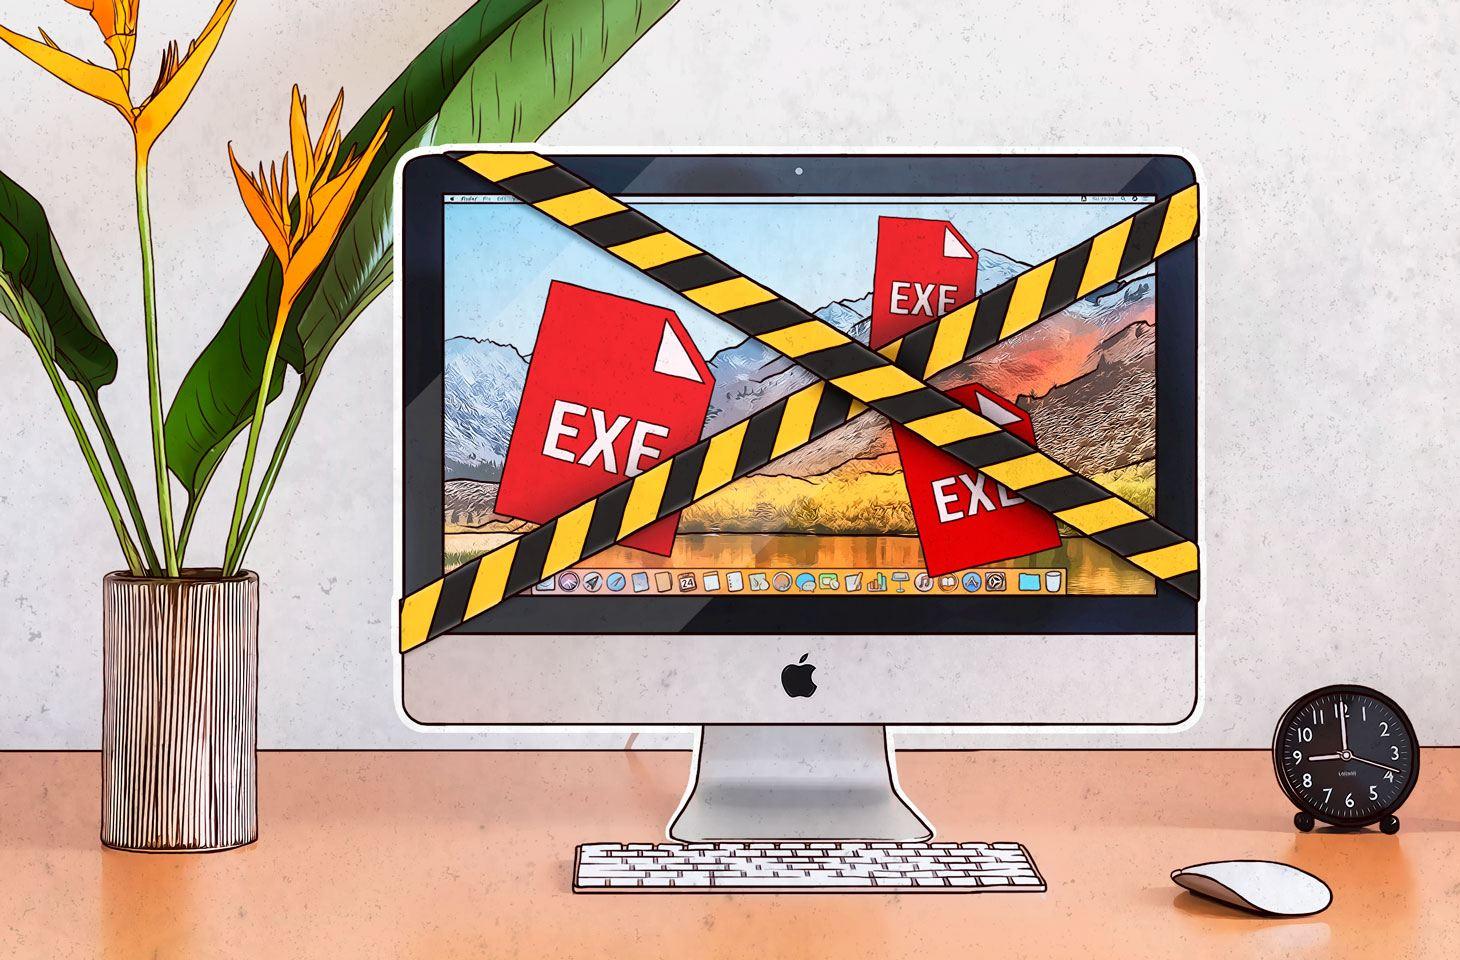 Les fichiers EXE peuvent être une menace pour les systèmes sous Windows, mais aussi pour ceux sous macOS